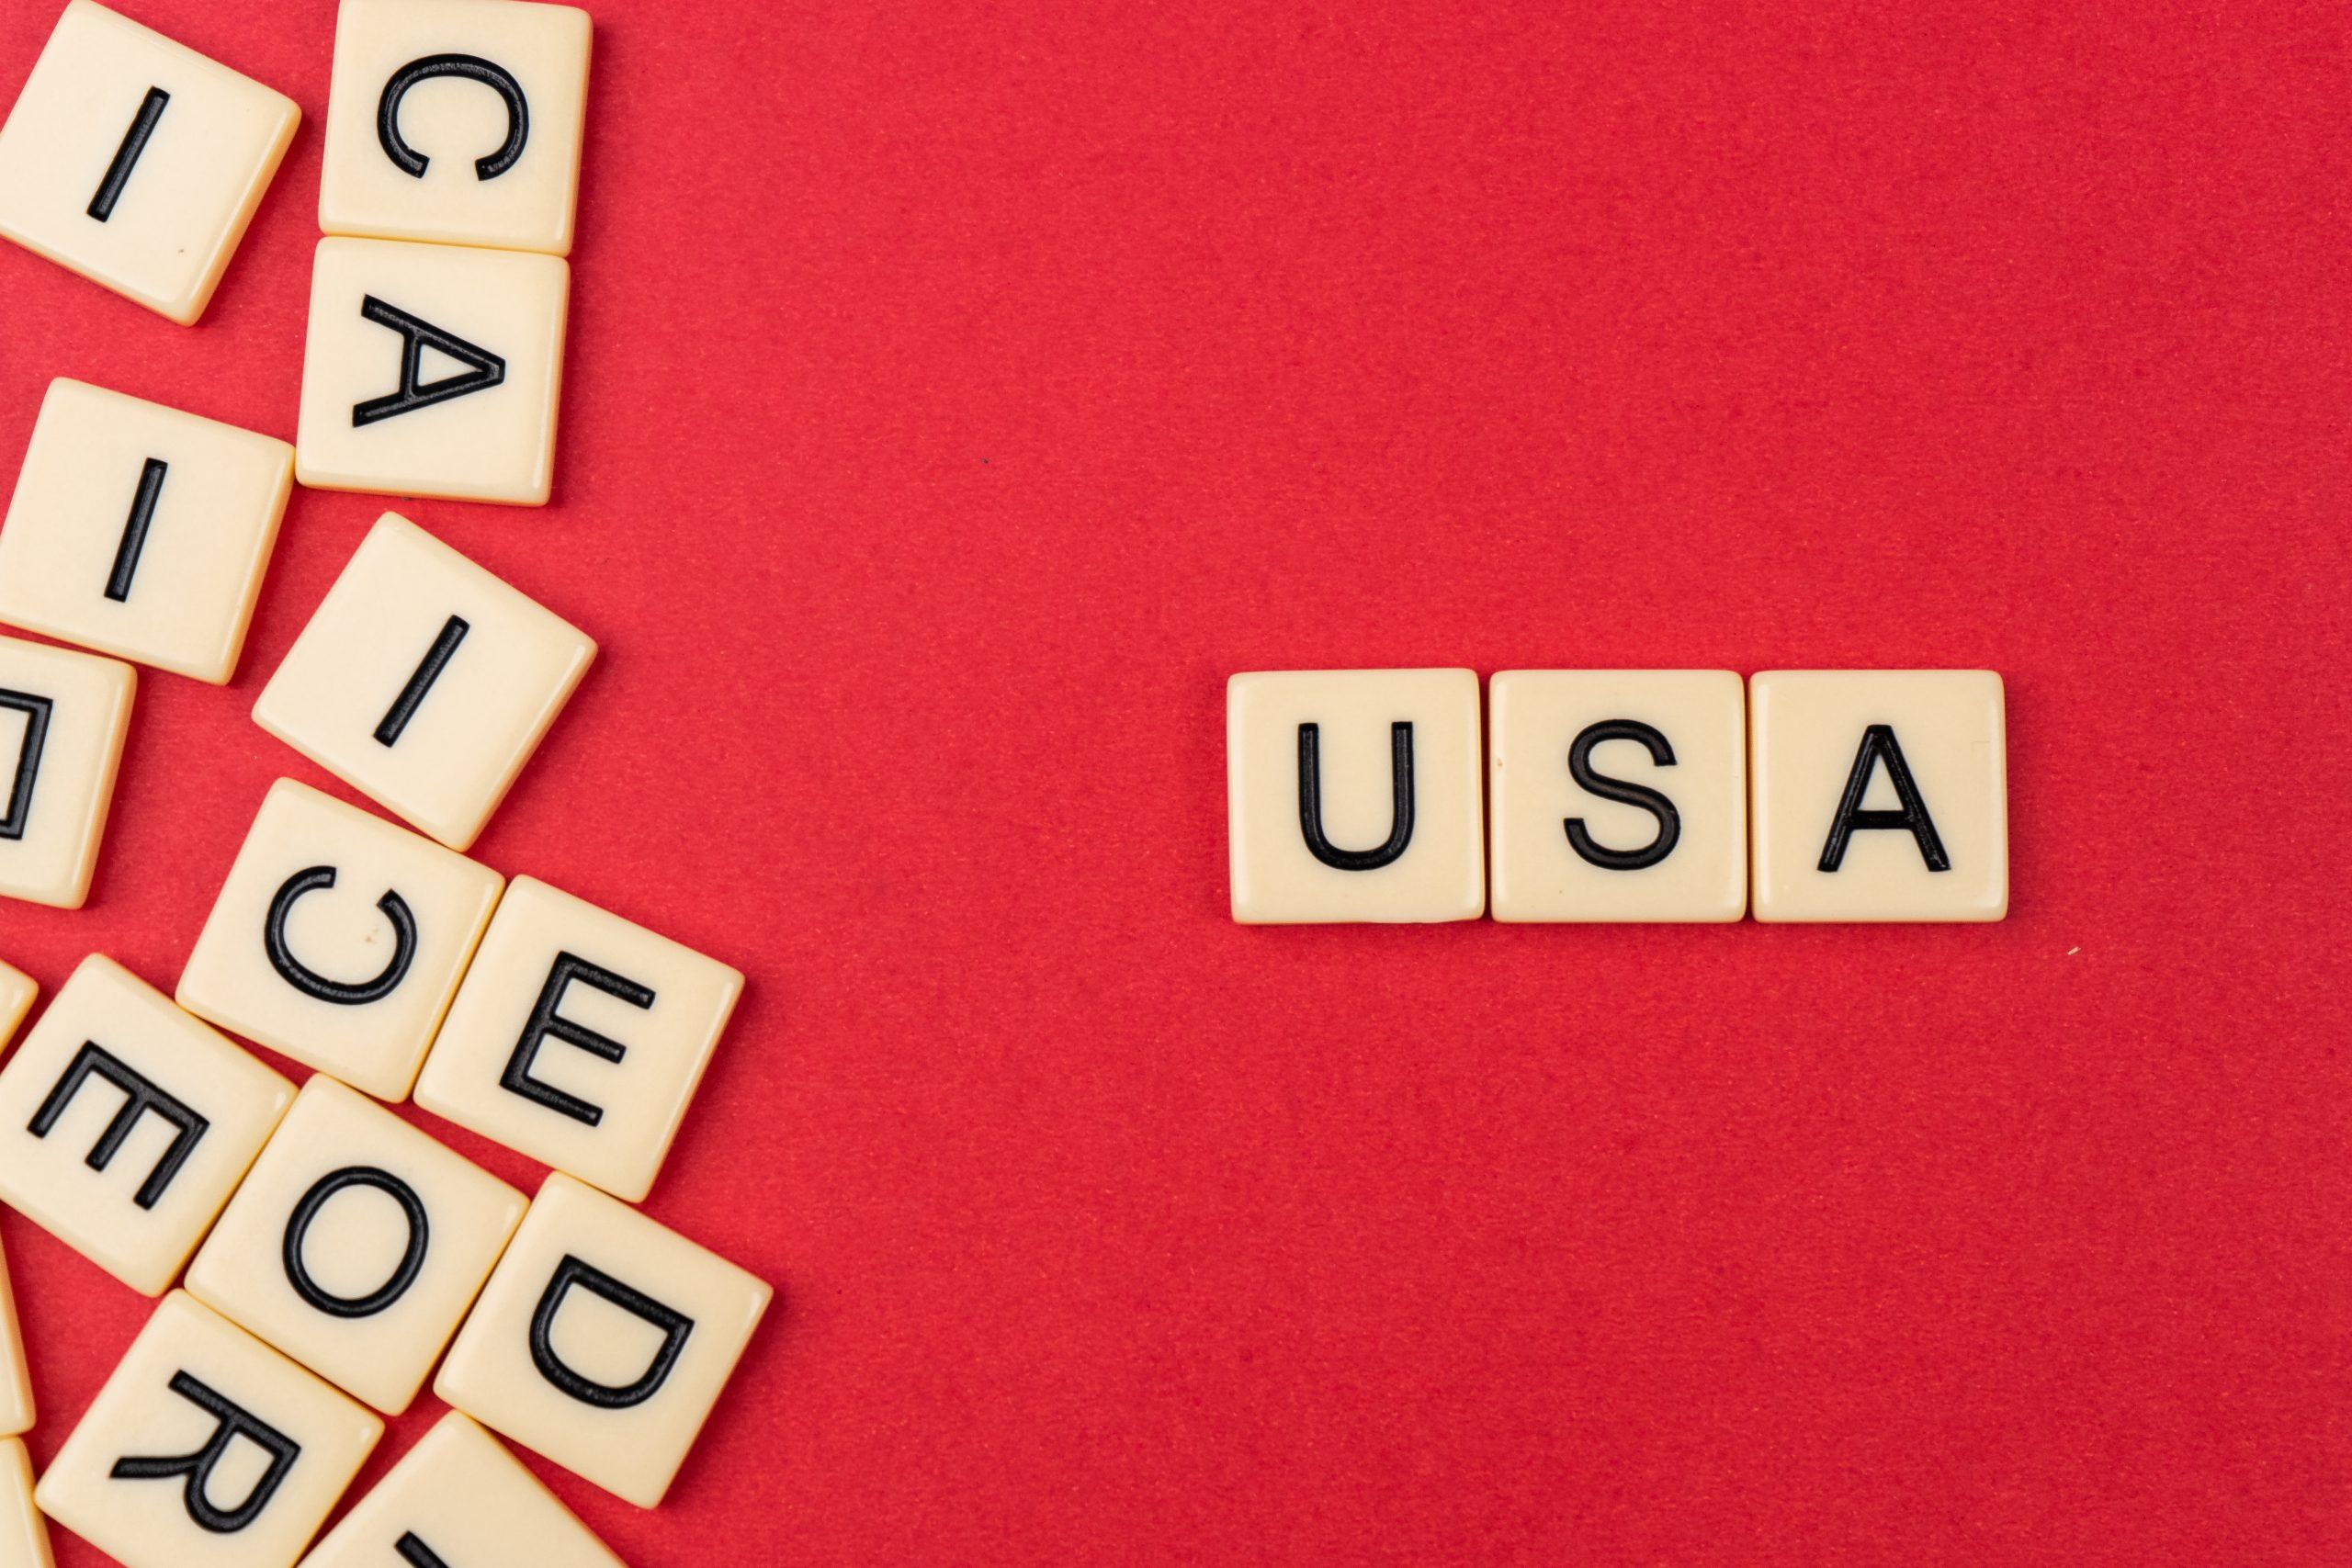 USA written